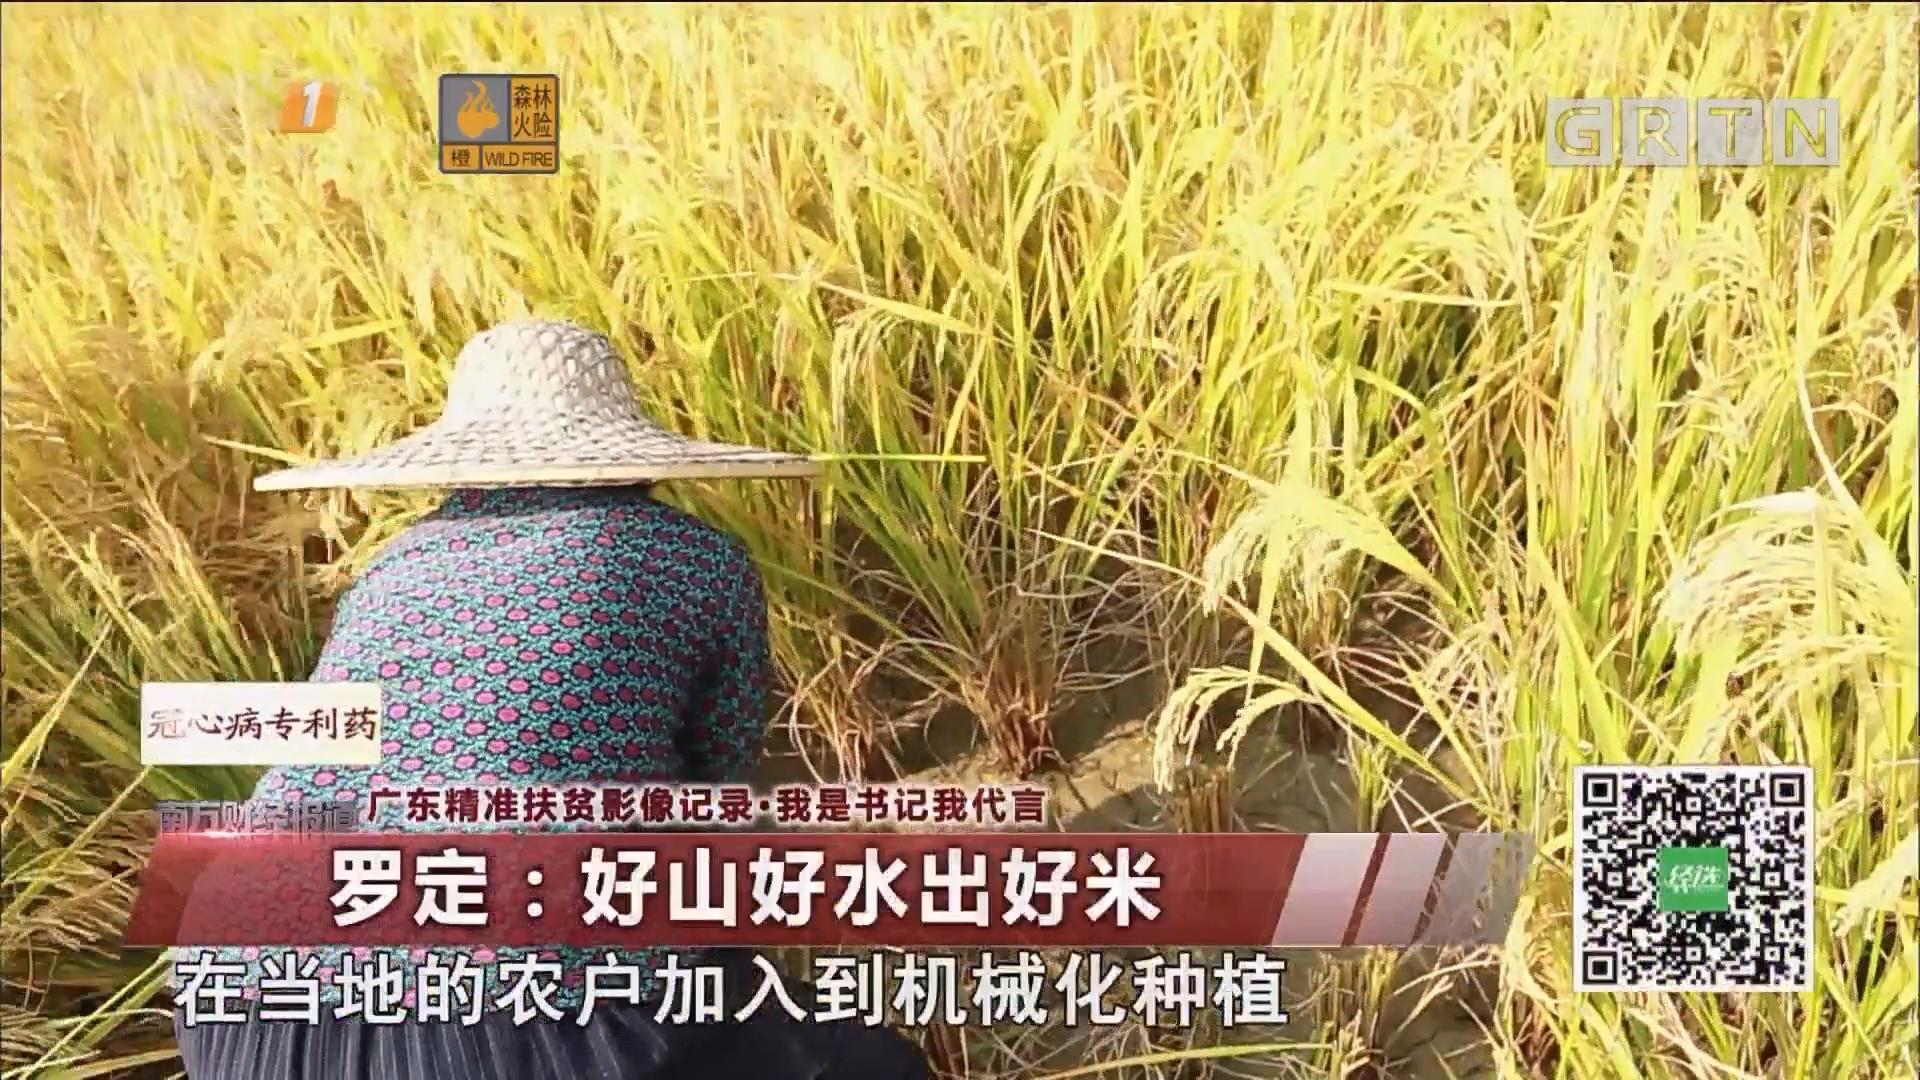 广东精准扶贫影像记录·我是书记我代言 罗定:好山好水出好米(二)